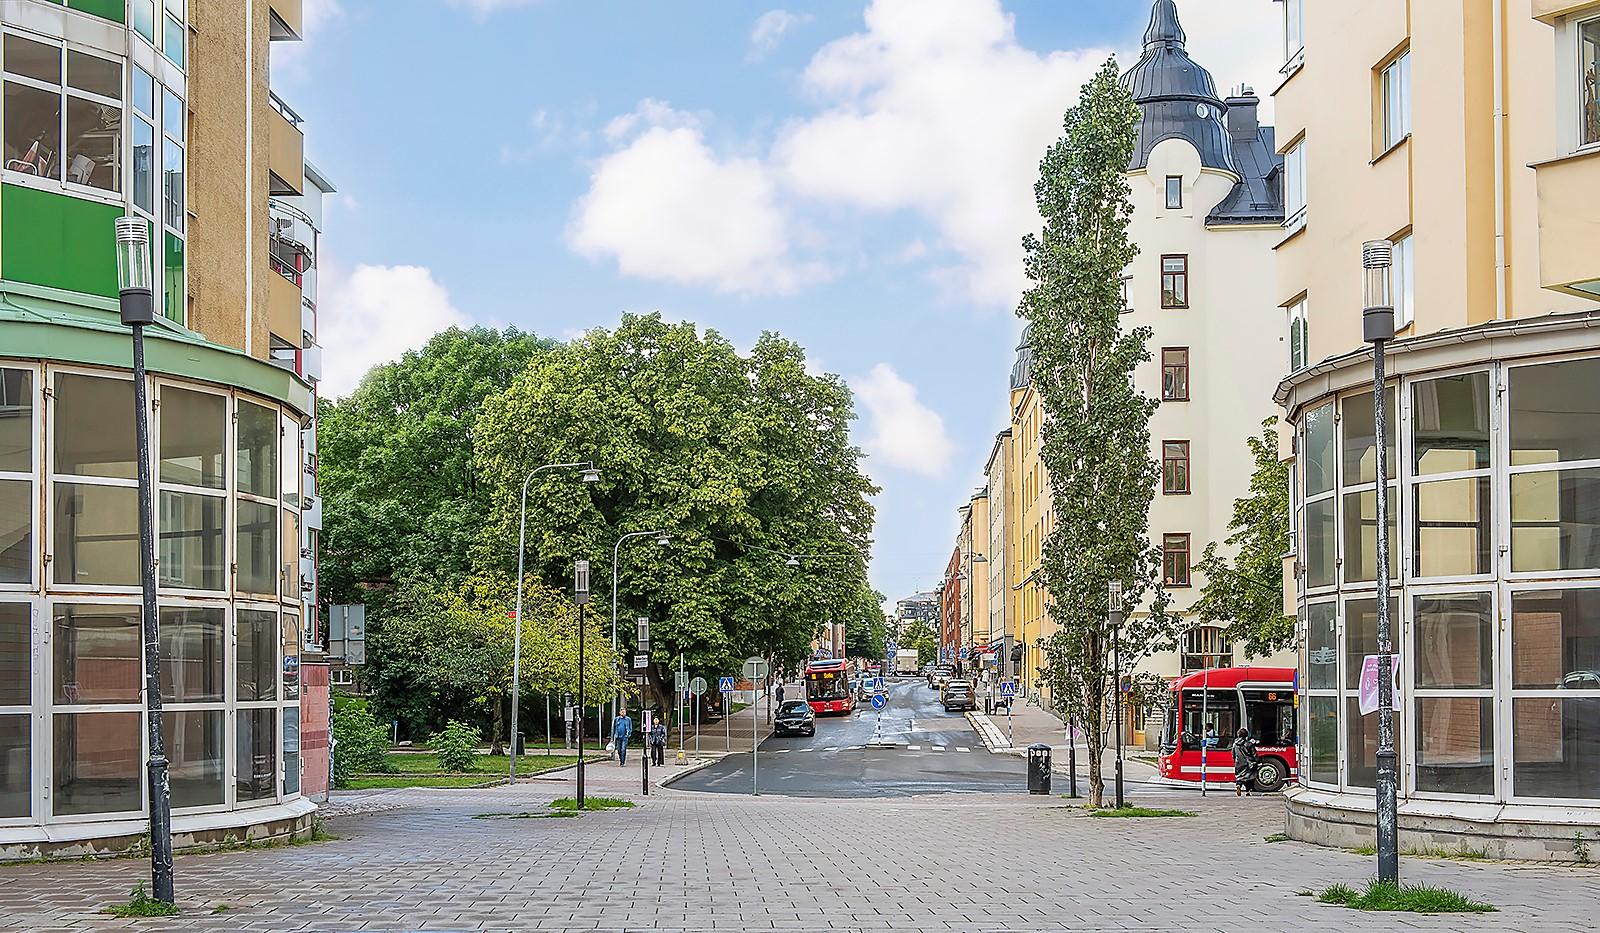 Fatburs Kvarngata 28 - Timmermansgatan - ny stil möter gamla byggnader